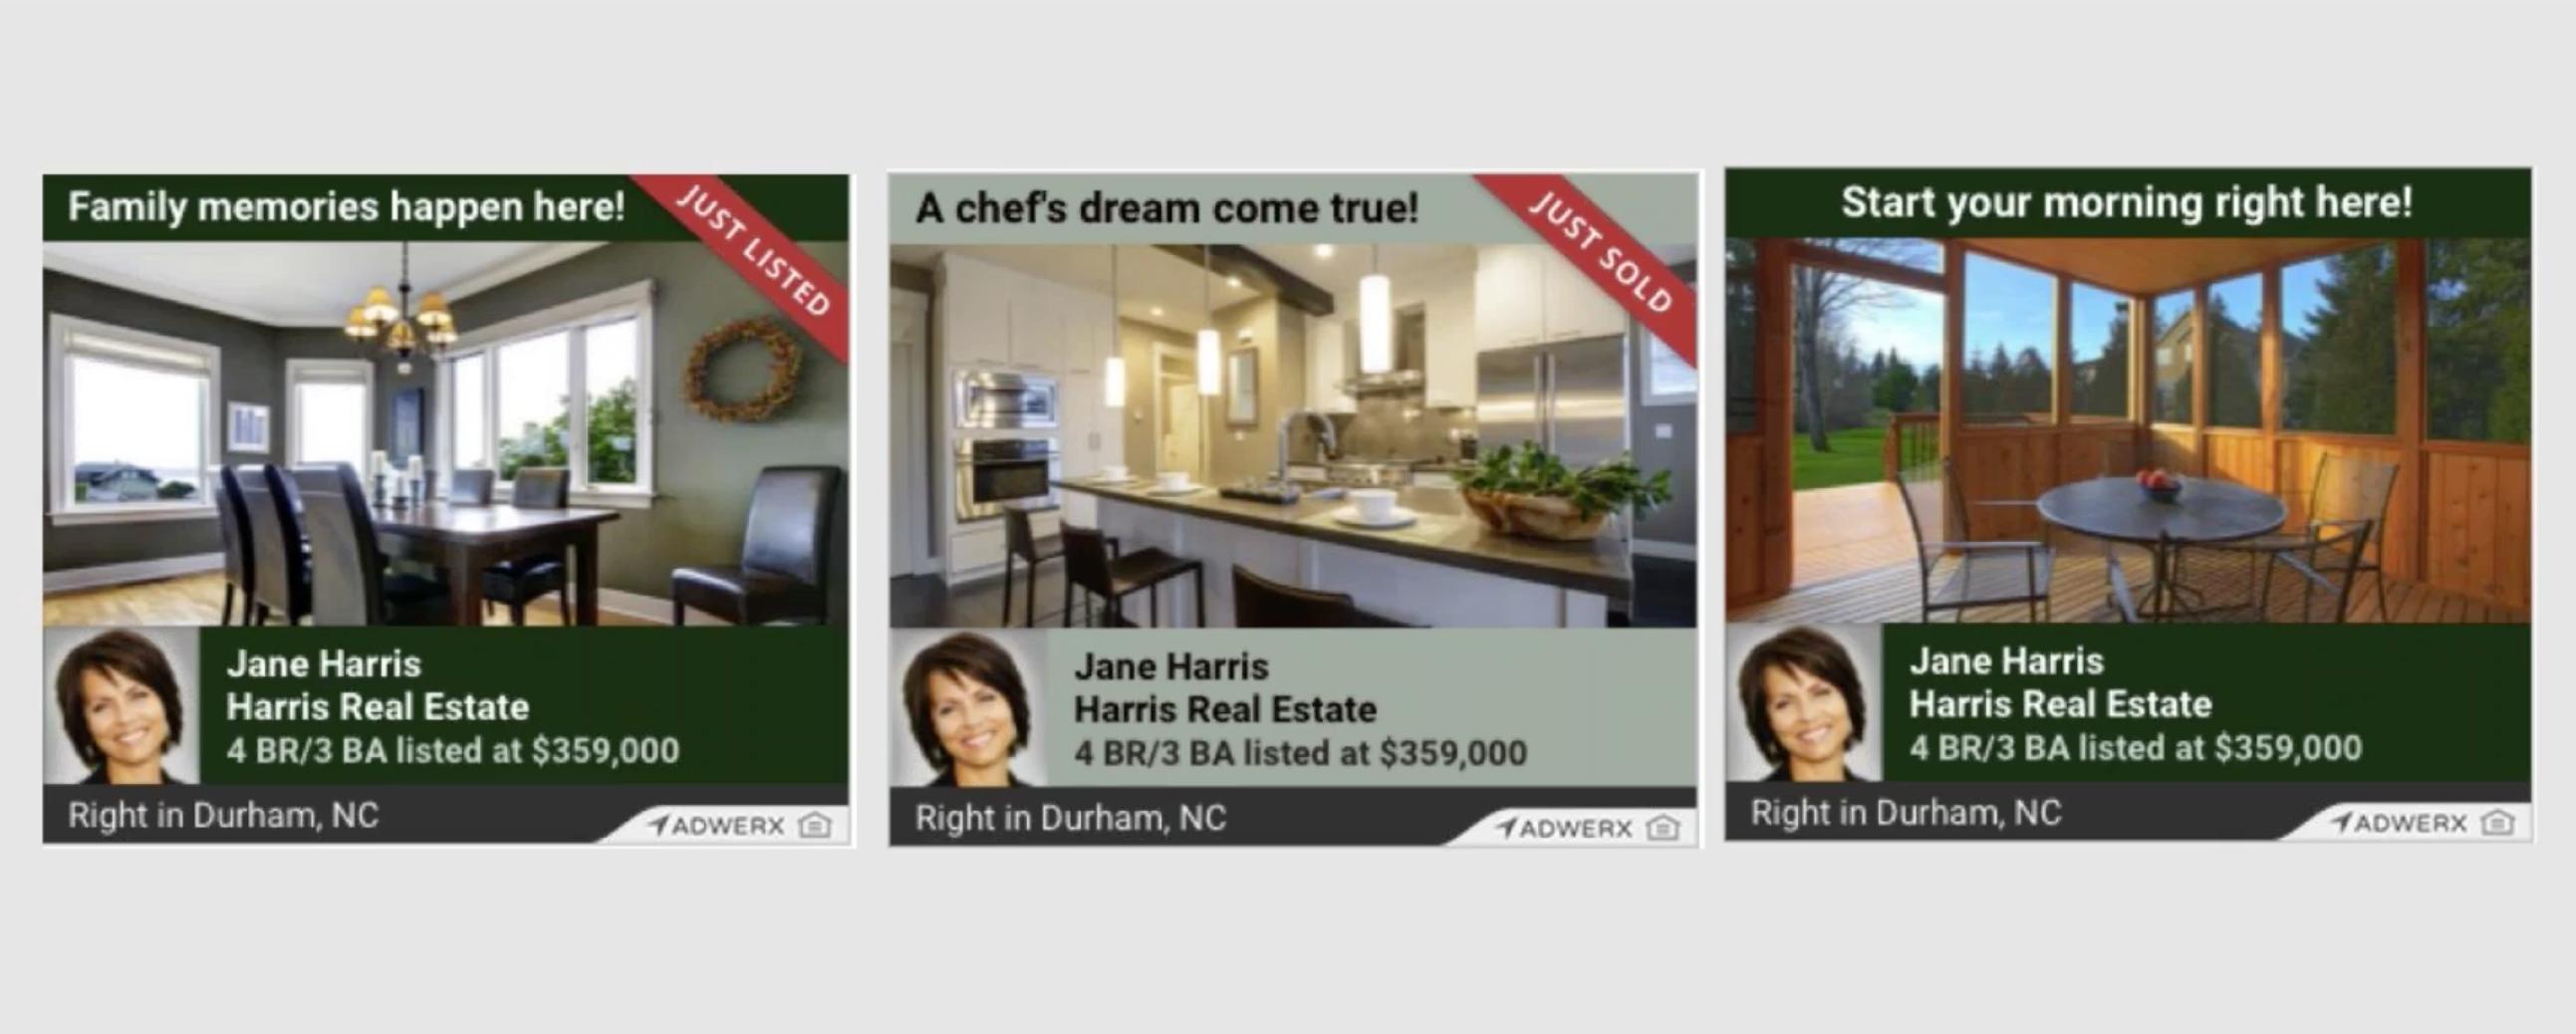 storytelling digital ads